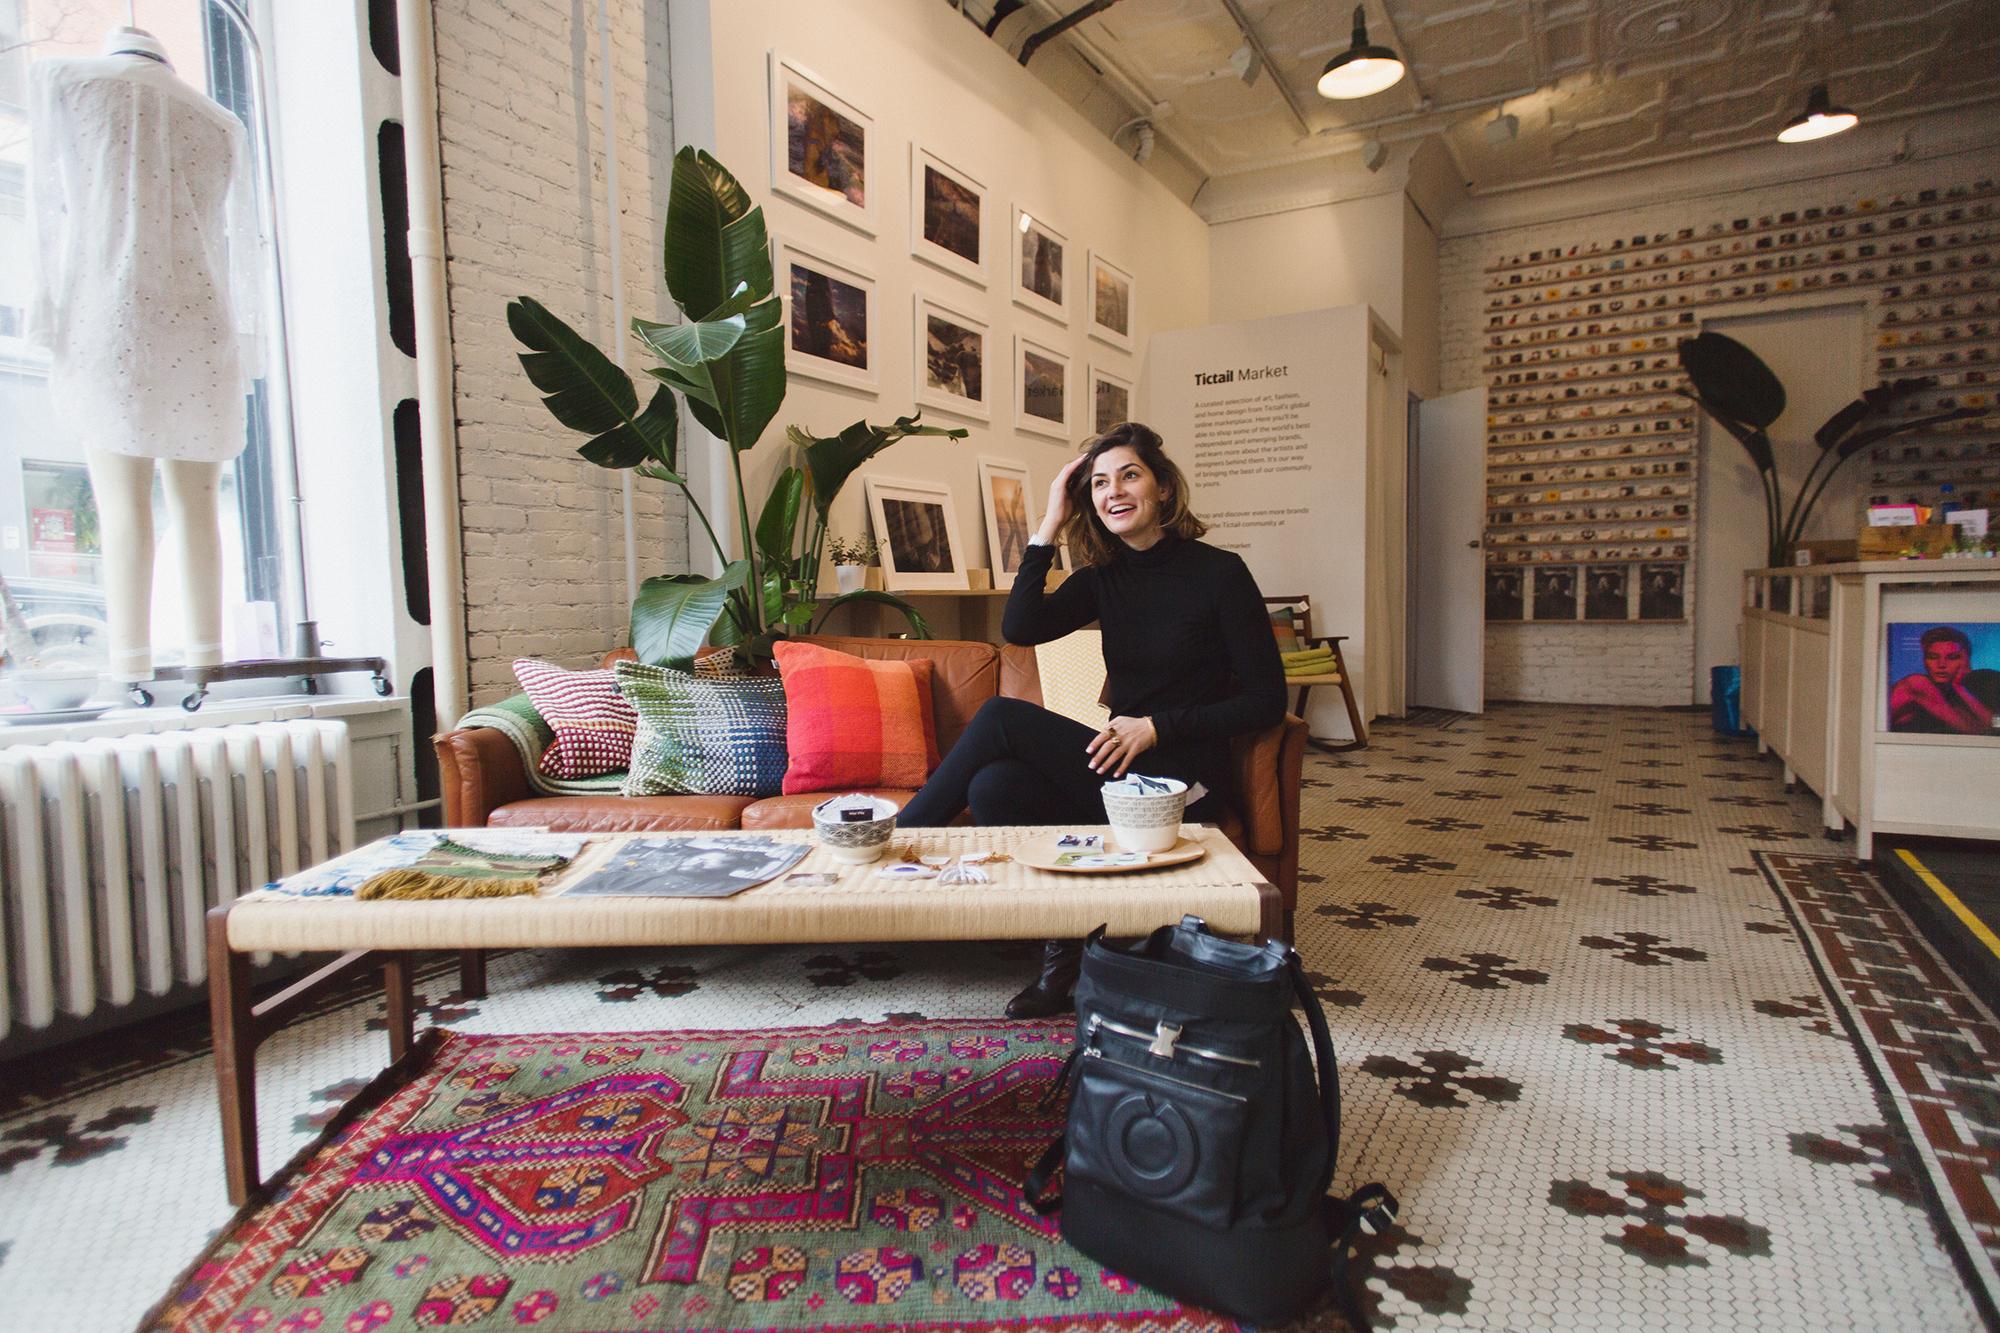 Briana Feigon at Tictail